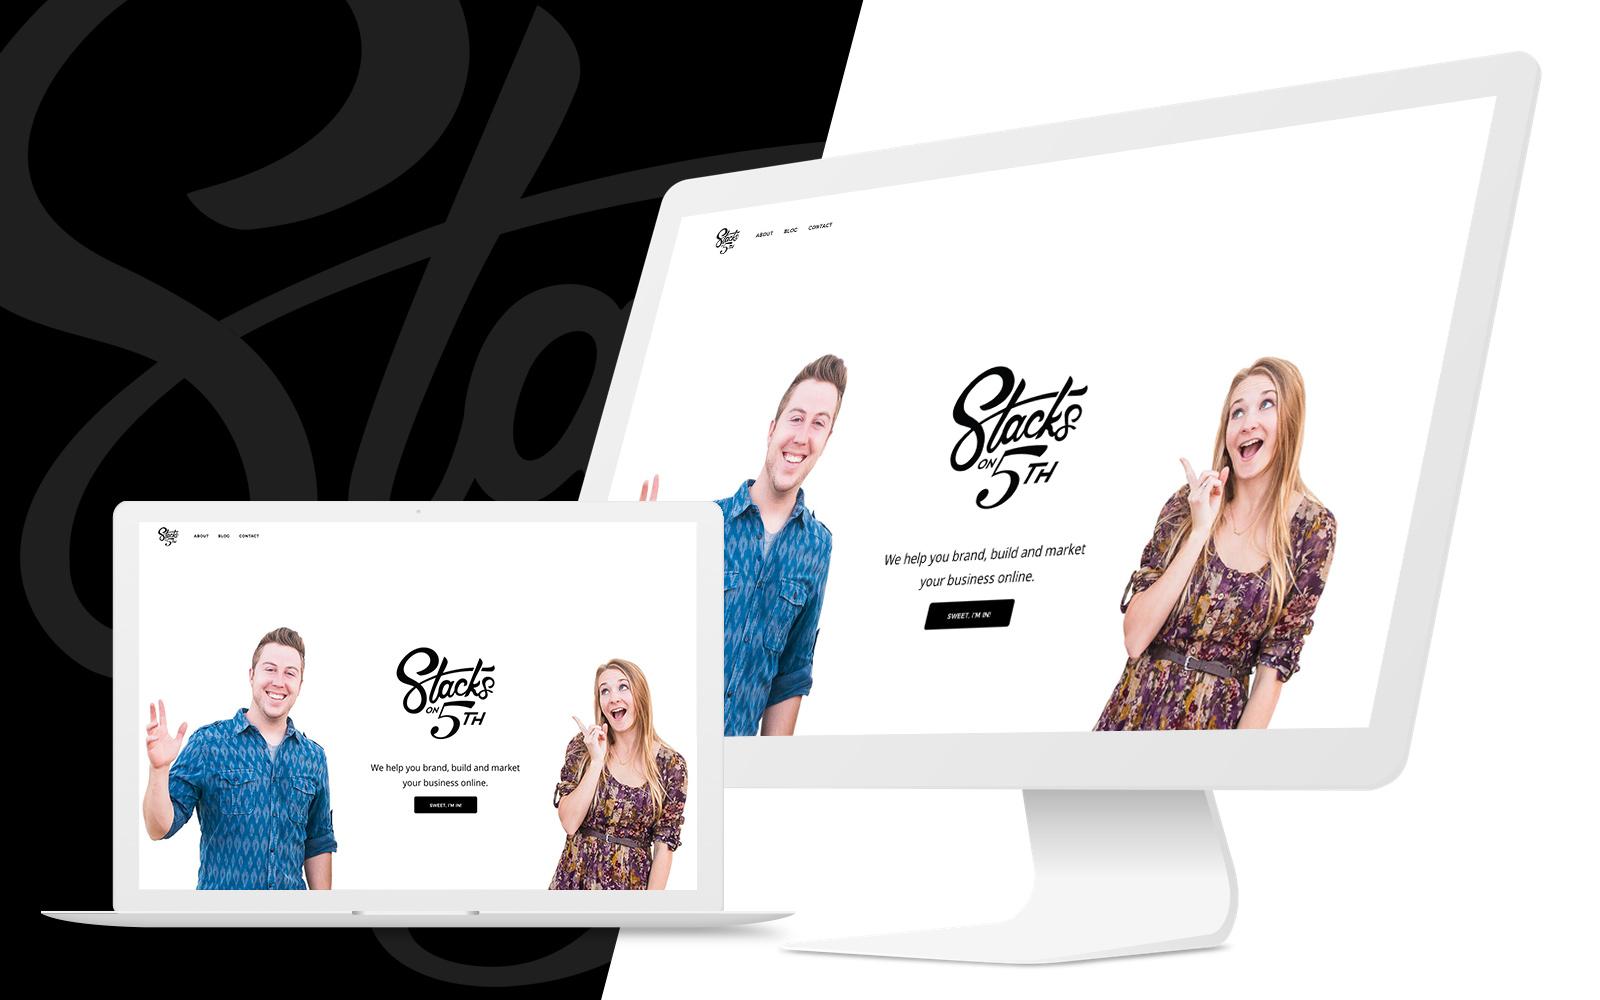 Stacks on 5th Website Mock